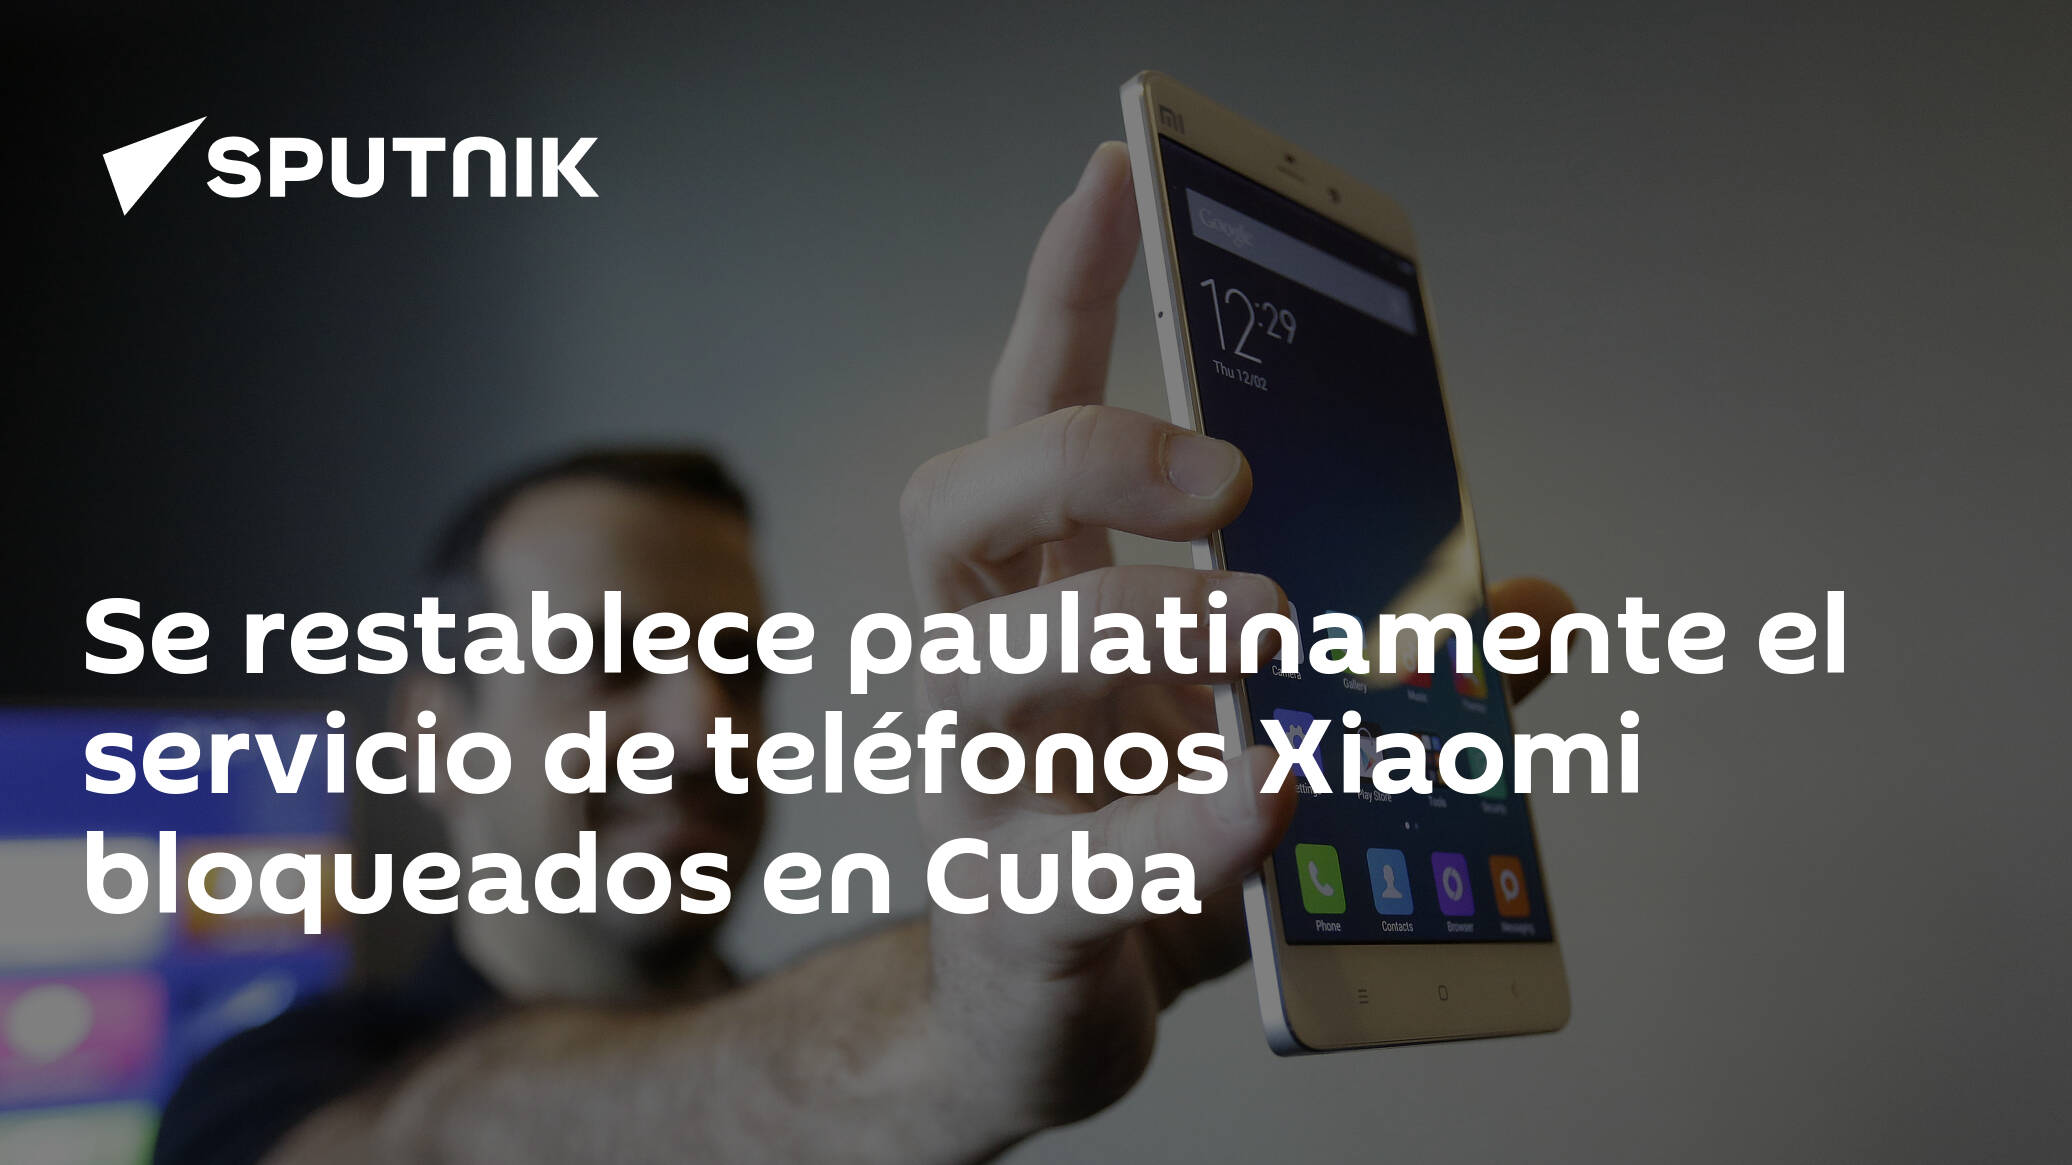 The service of Xiaomi phones blocked in Cuba has been gradually restored